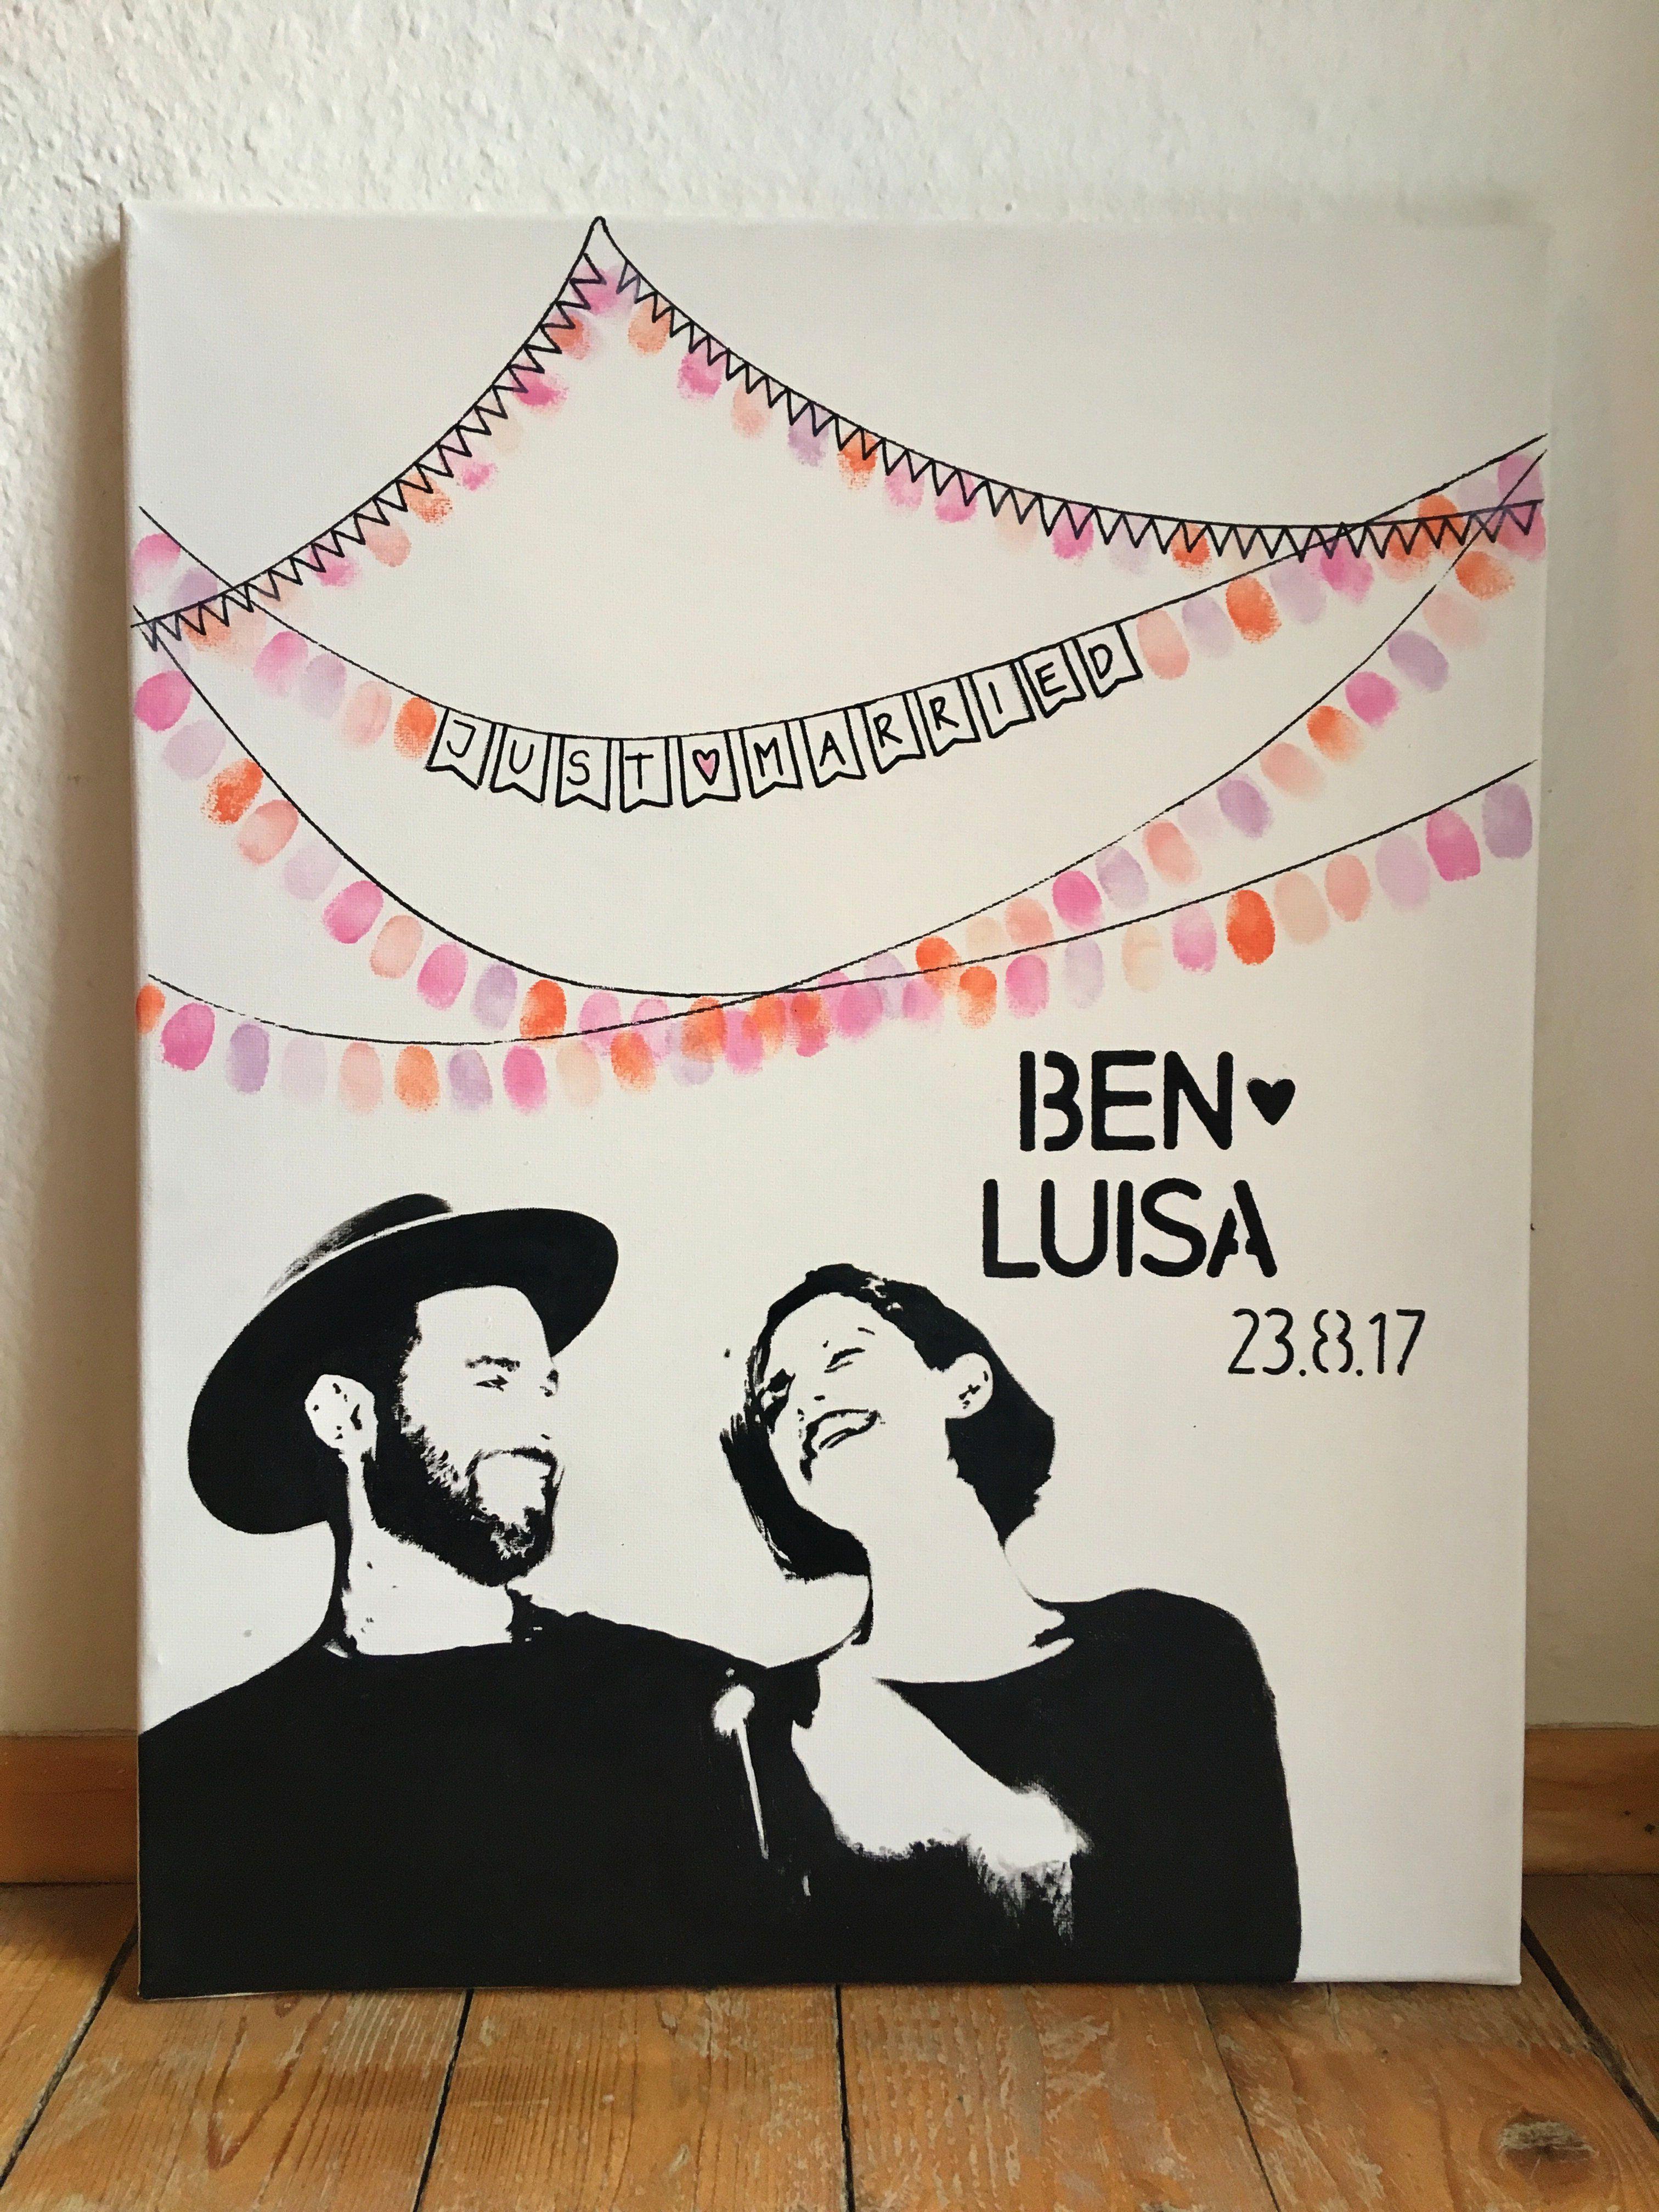 Persnliches originelles besonderes kreatives und personalisiertes Hochzeitsgeschenk gesucht